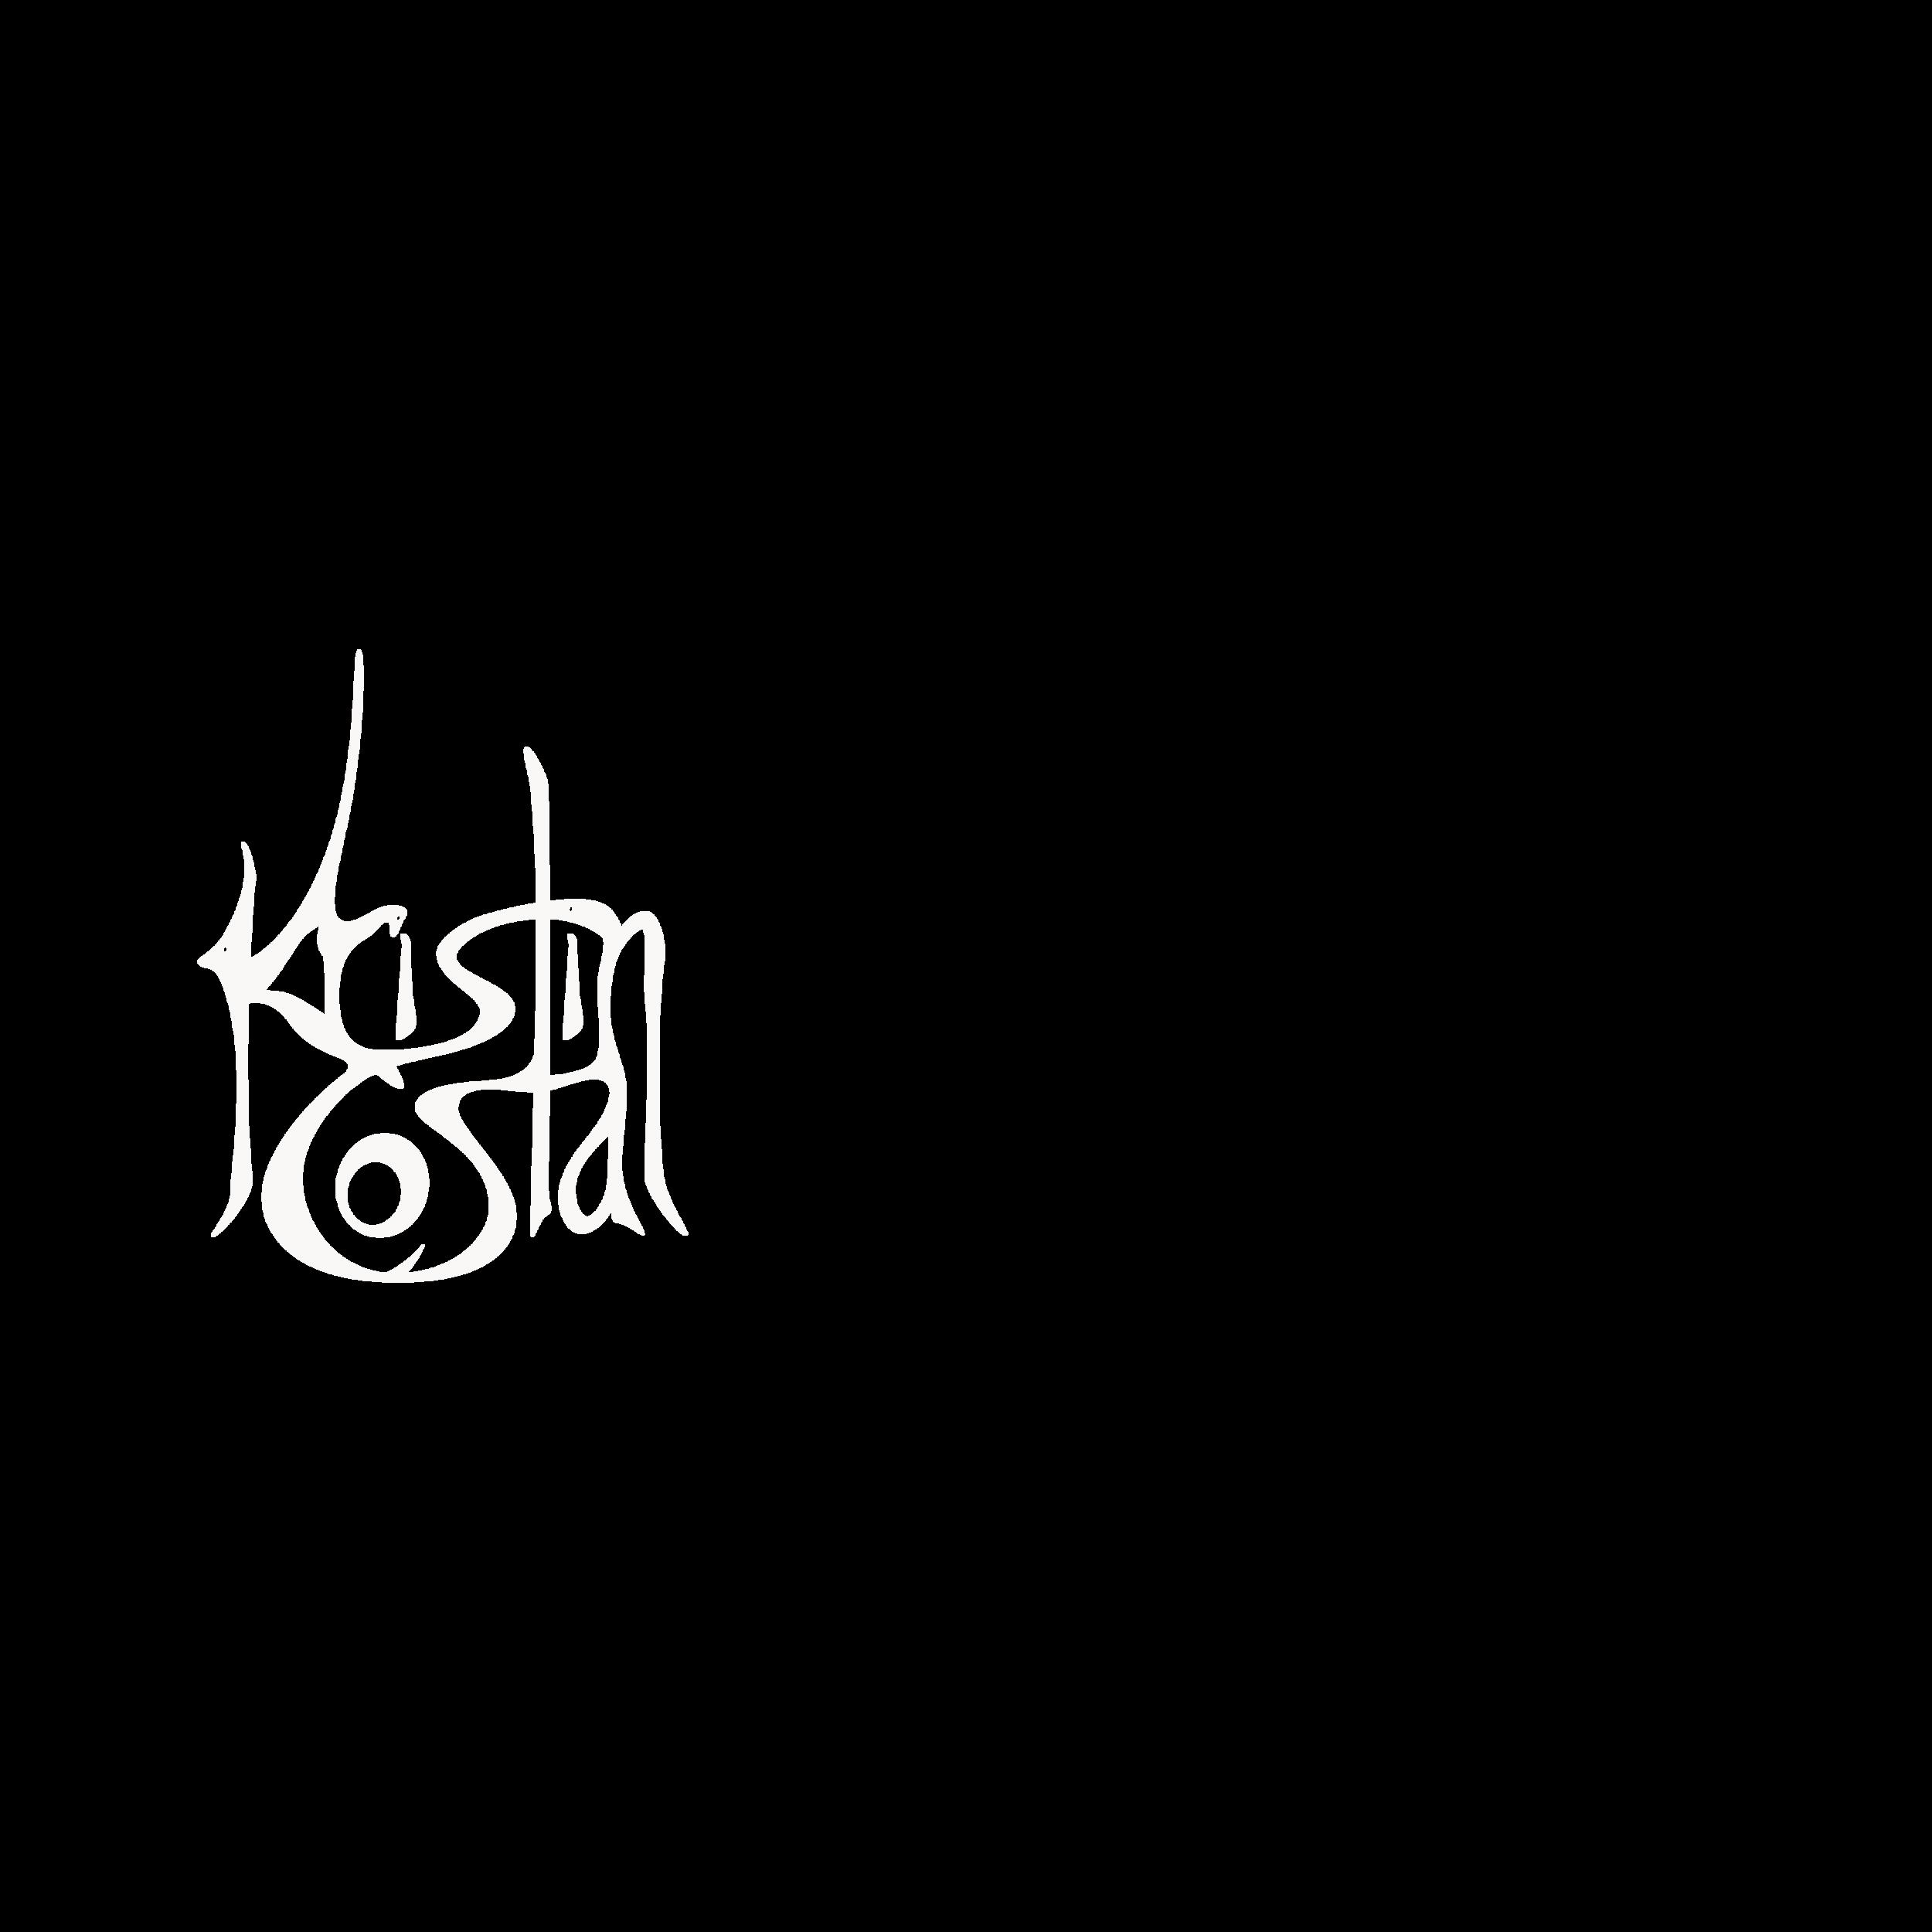 kristincosta logo square lg offset white.png